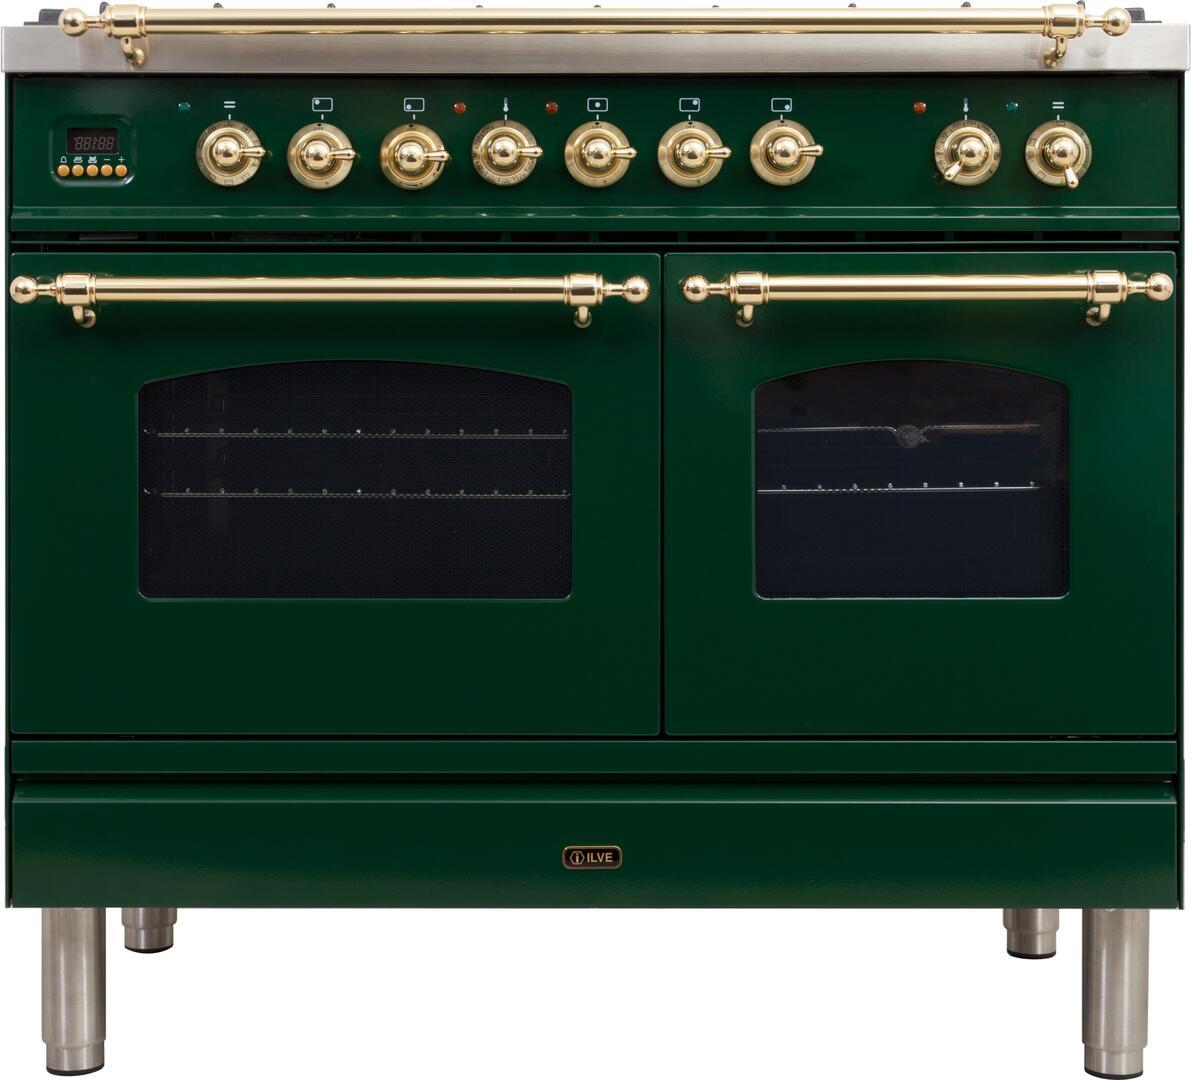 Ilve Nostalgie UPDN100FDMPVSLP Freestanding Dual Fuel Range Green, UPDN100FDMPVSLP Liquid Propane Range